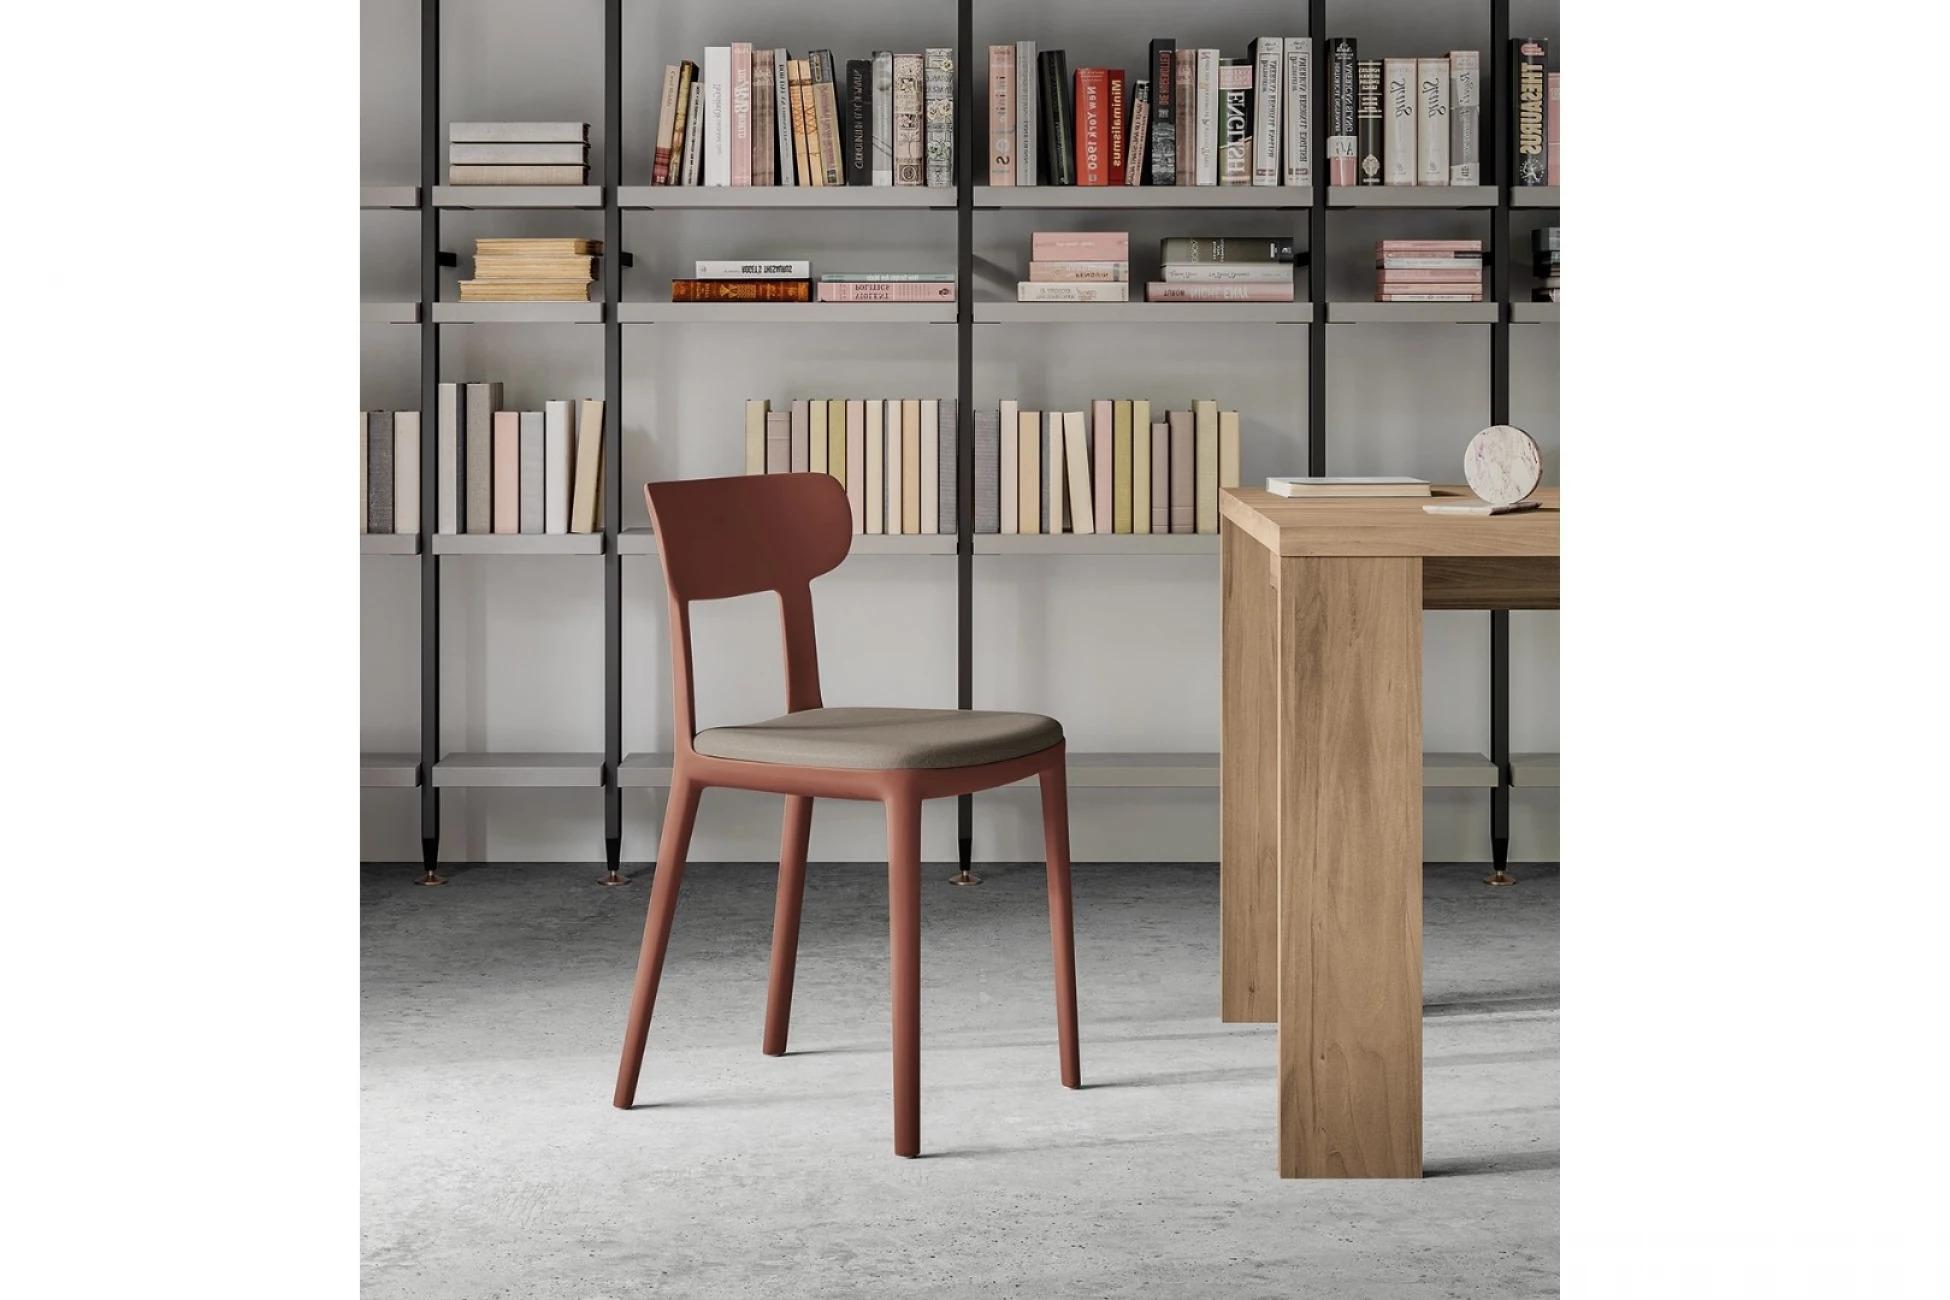 CALLAS итальянский стул EMILY от фабрики Arredo3, деревянный низкий с мягким сидением, справа деревянный стол, сзади шкаф с книгами, светлые пол и стены